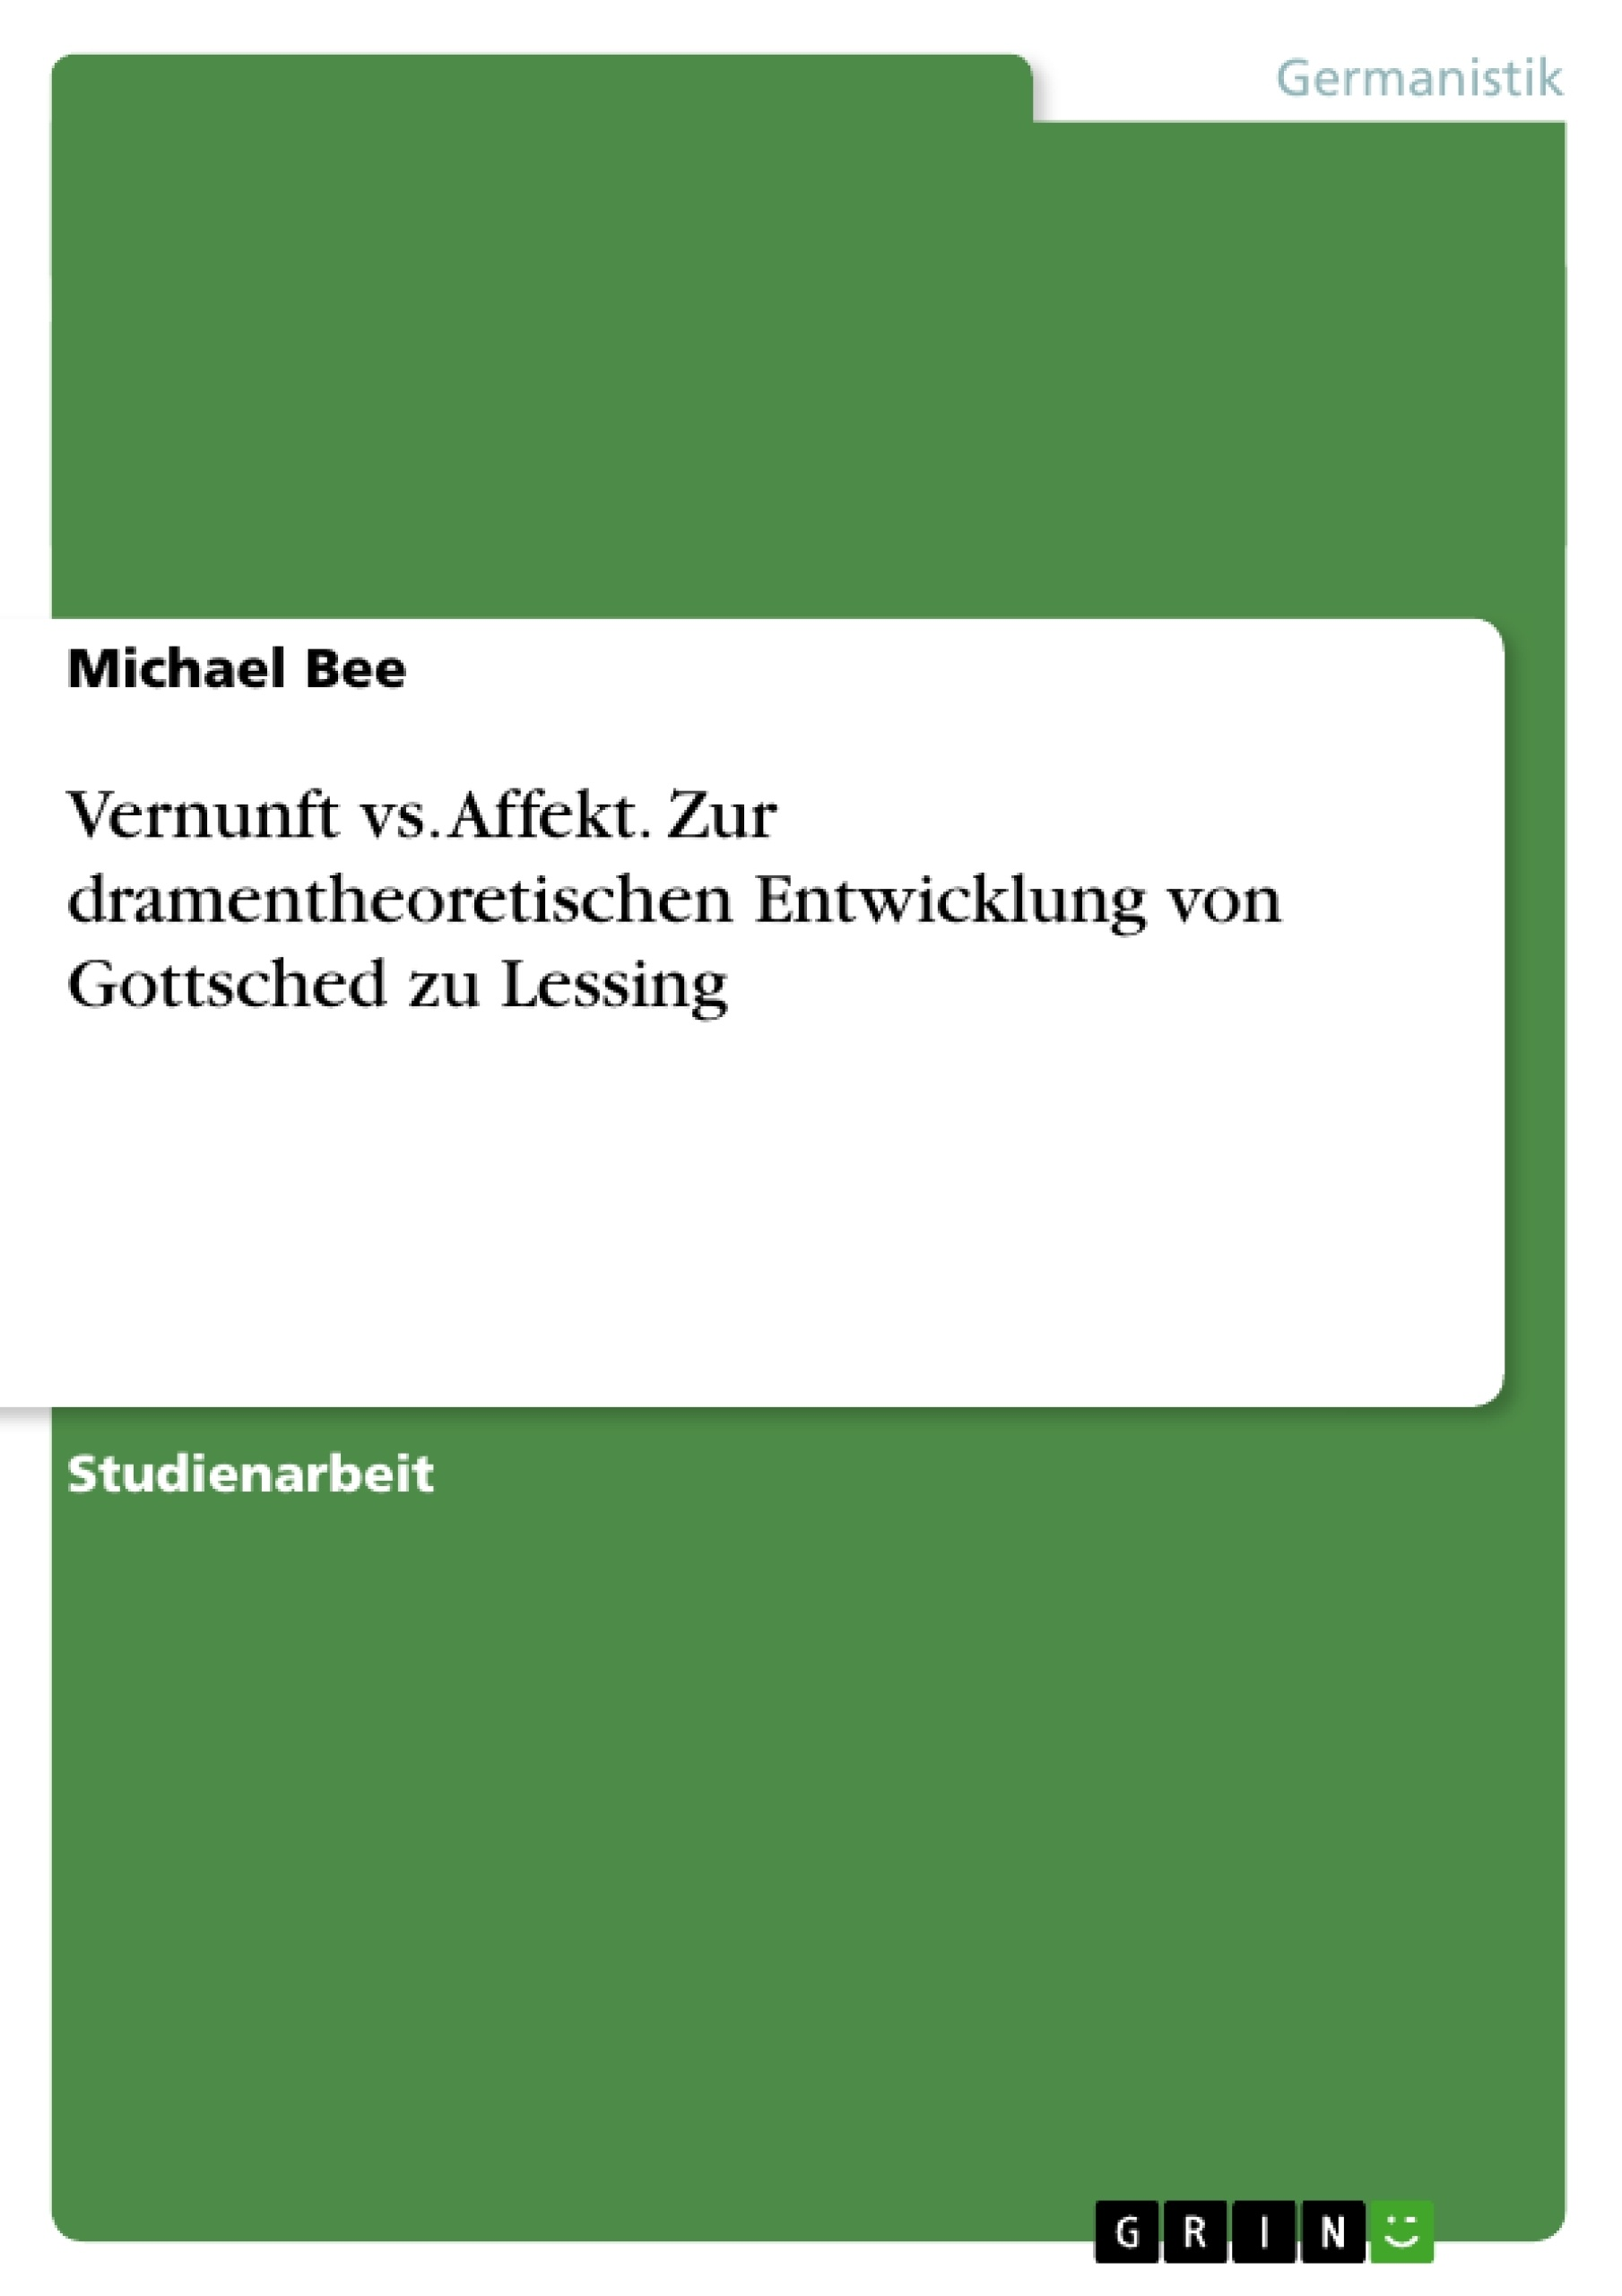 Titel: Vernunft vs. Affekt. Zur dramentheoretischen Entwicklung von Gottsched zu Lessing